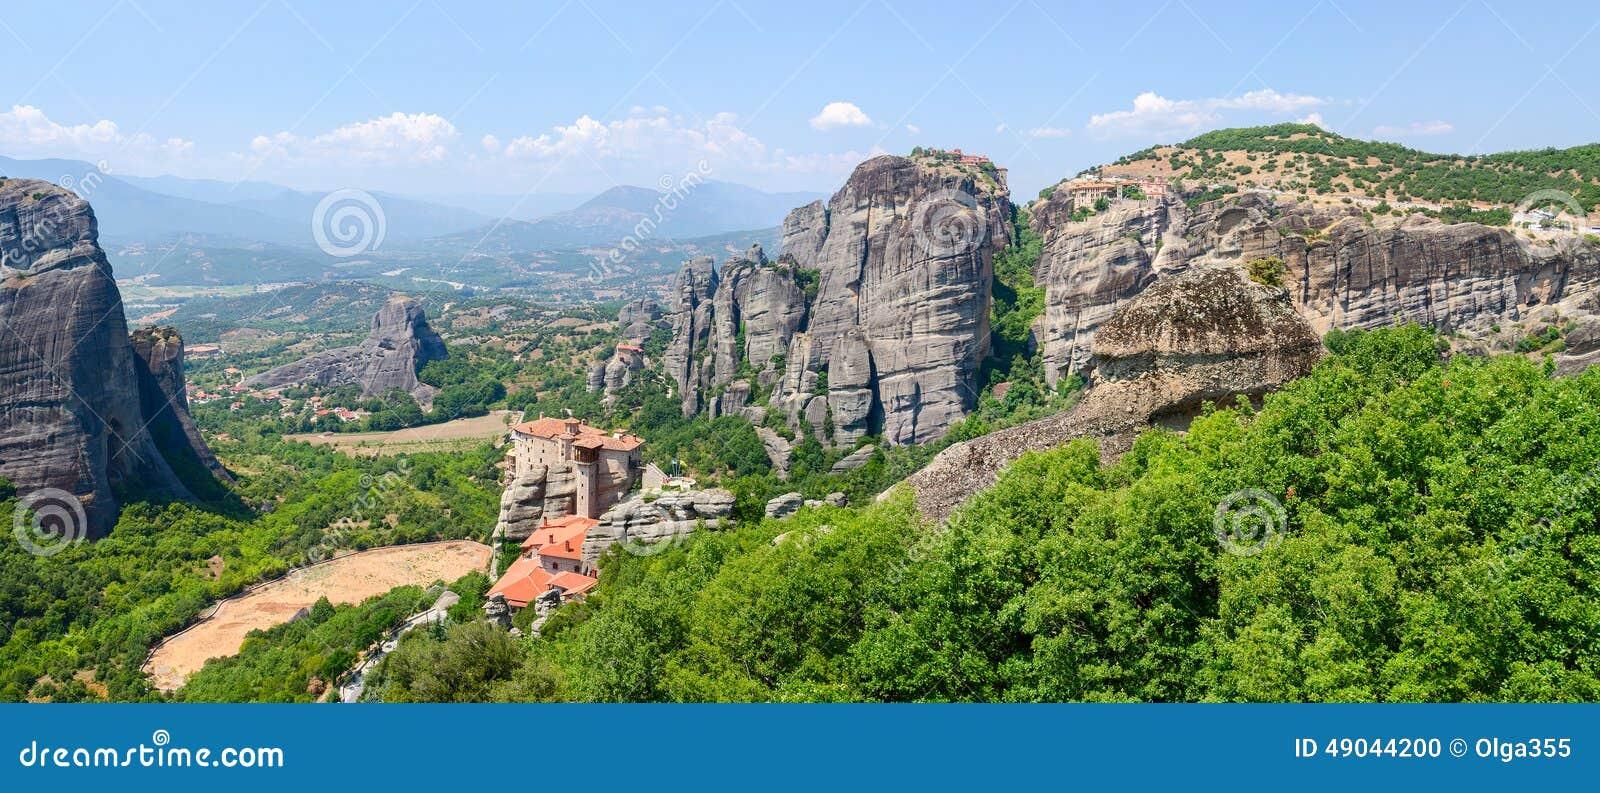 Griekenland meteoren panorama van het plateau aan de vallei o stock foto afbeelding 49044200 - Aperitief plateau huis van de wereld ...